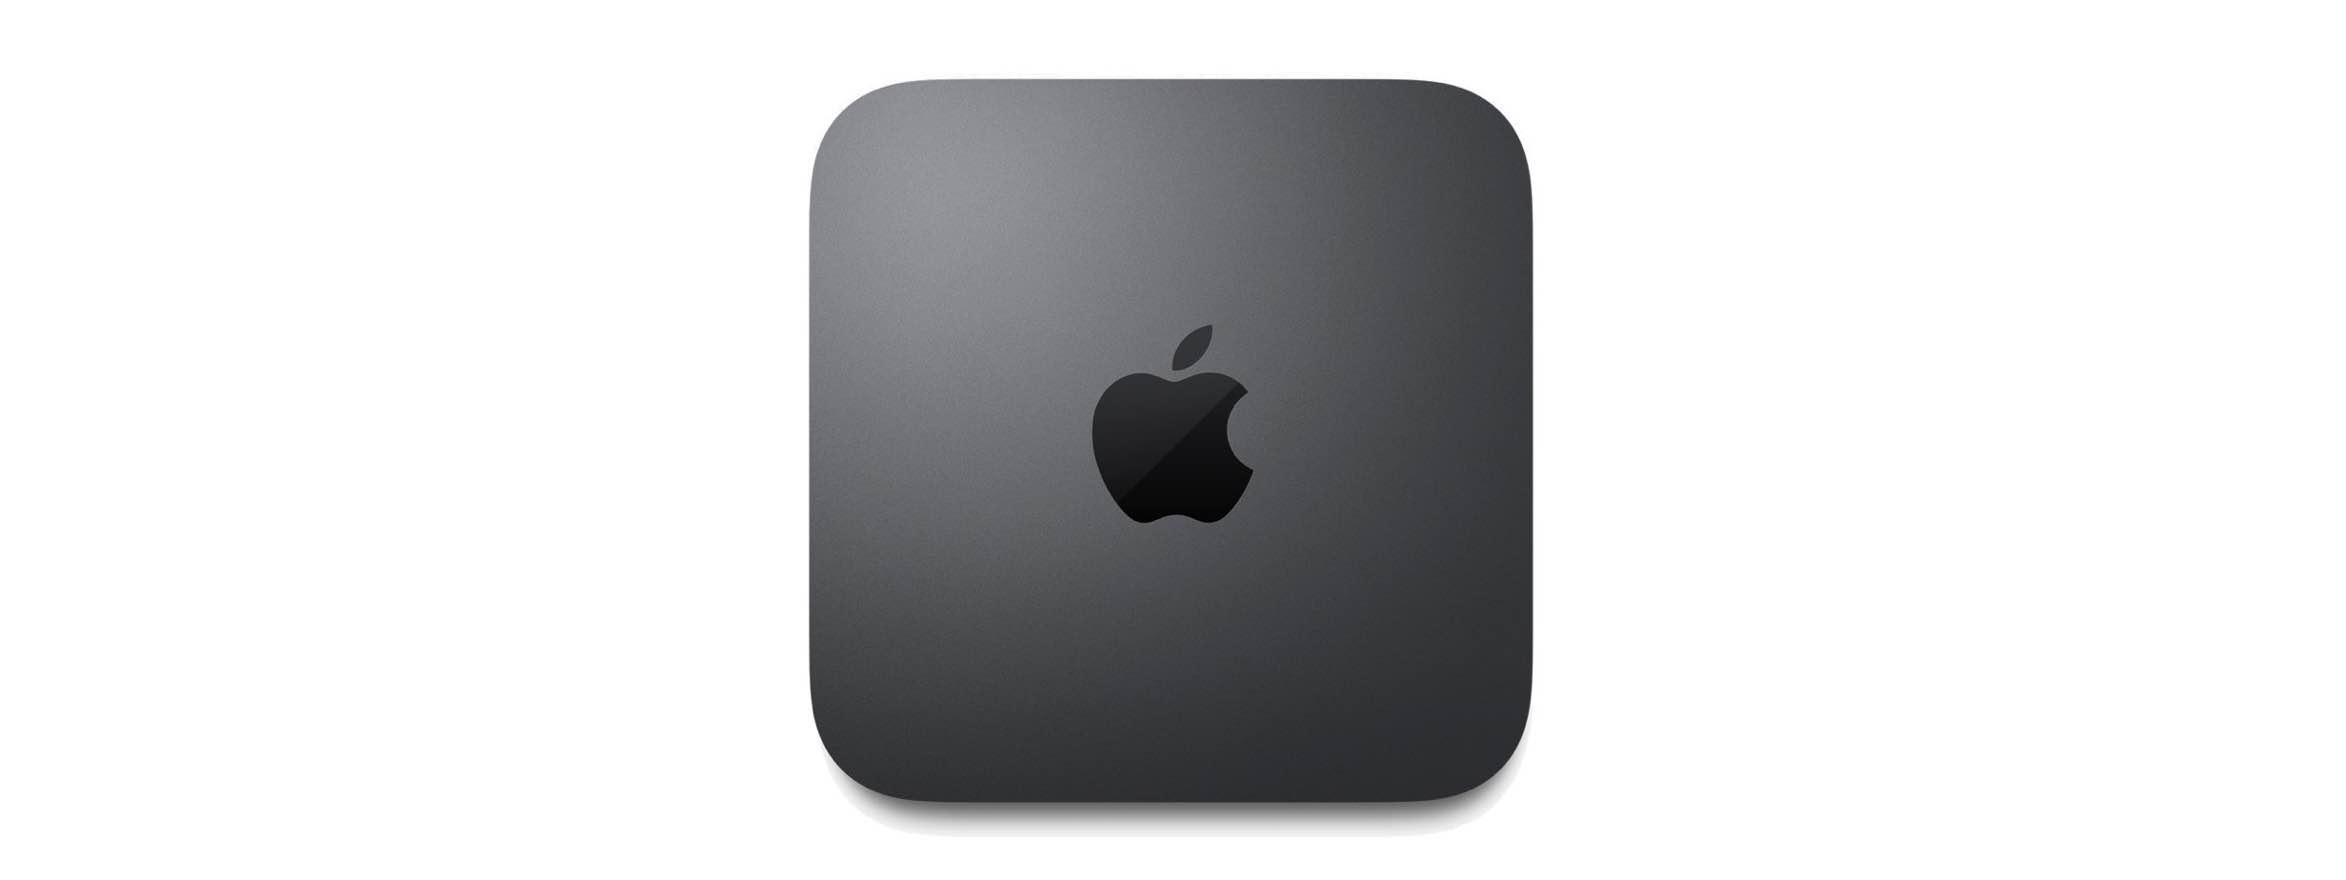 Mac mini Ninove